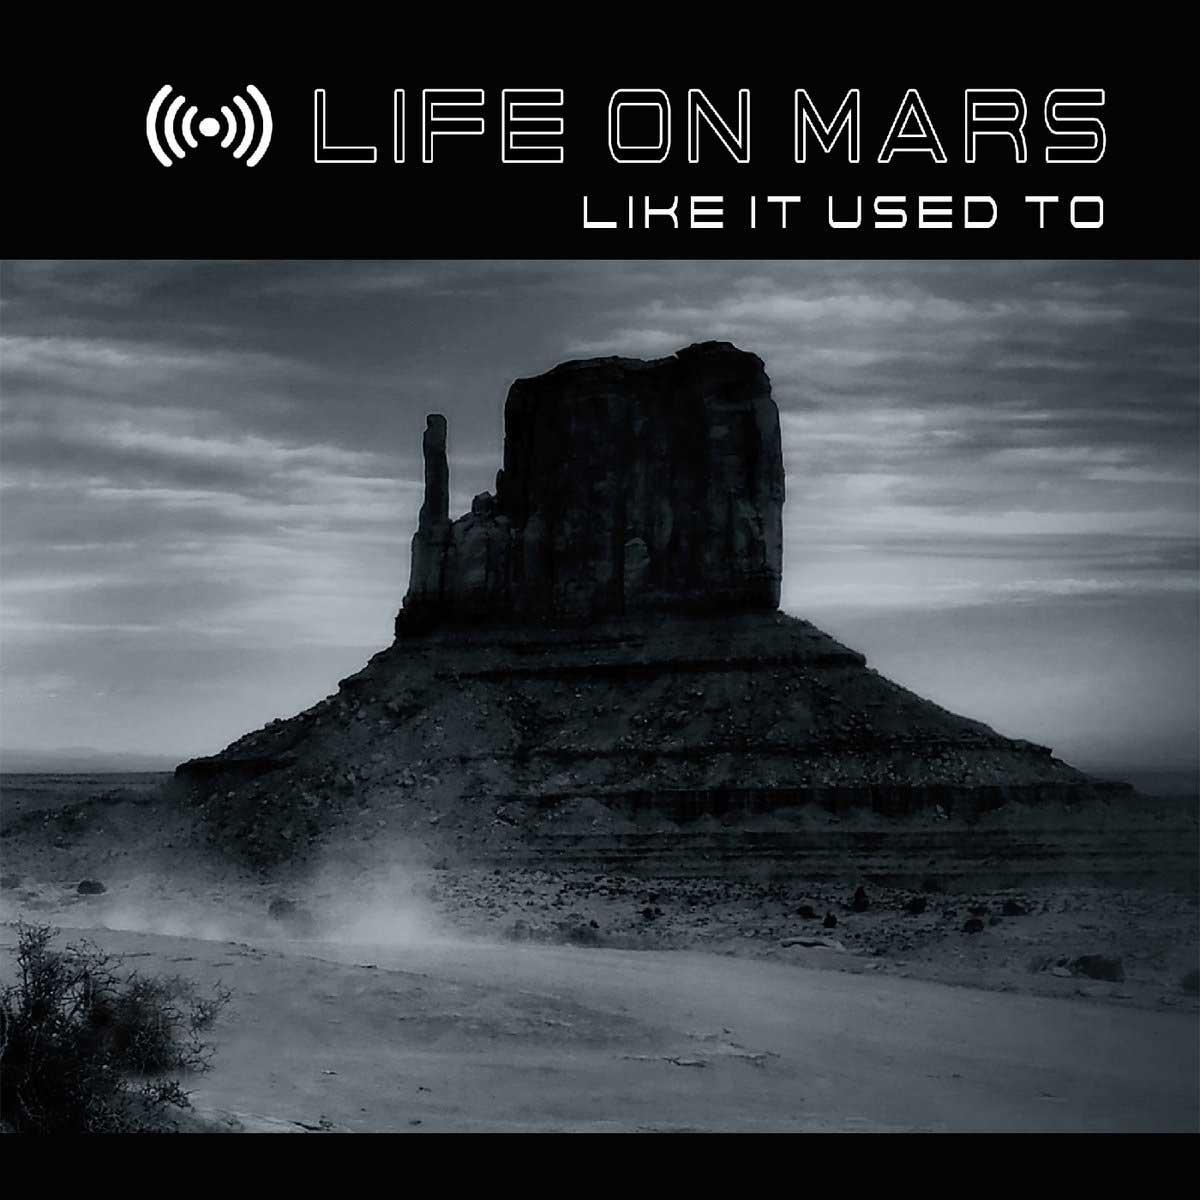 Life On Mars - Like It Used To - Life On Mars - Like It Used To